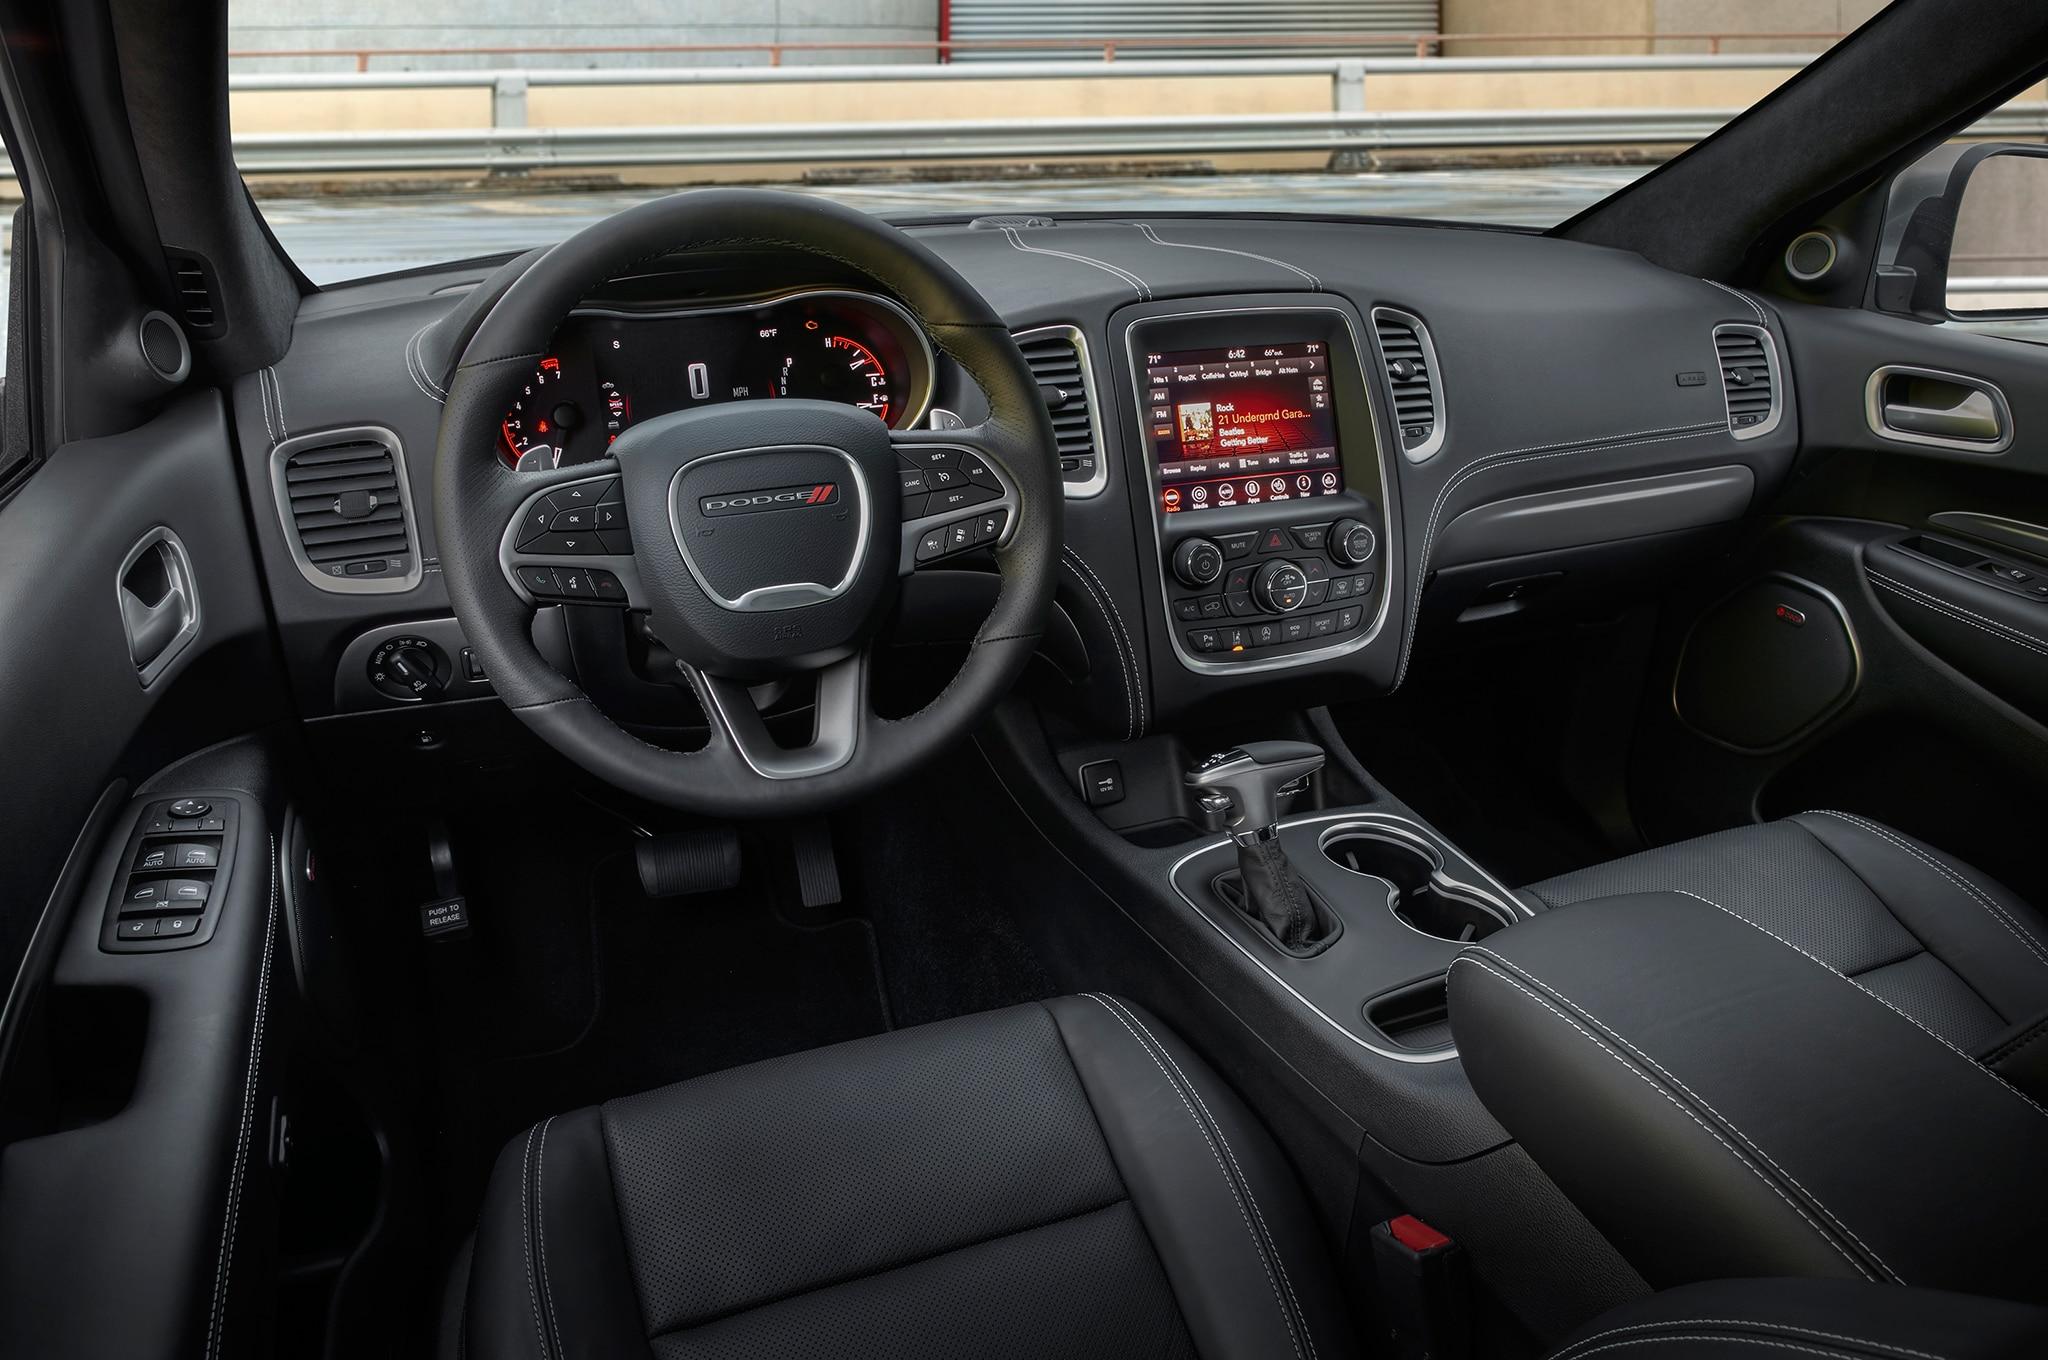 2017 Dodge Charger Msrp >> 2018 Dodge Durango R/T and SRT Gets Stripes and More Mopar ...